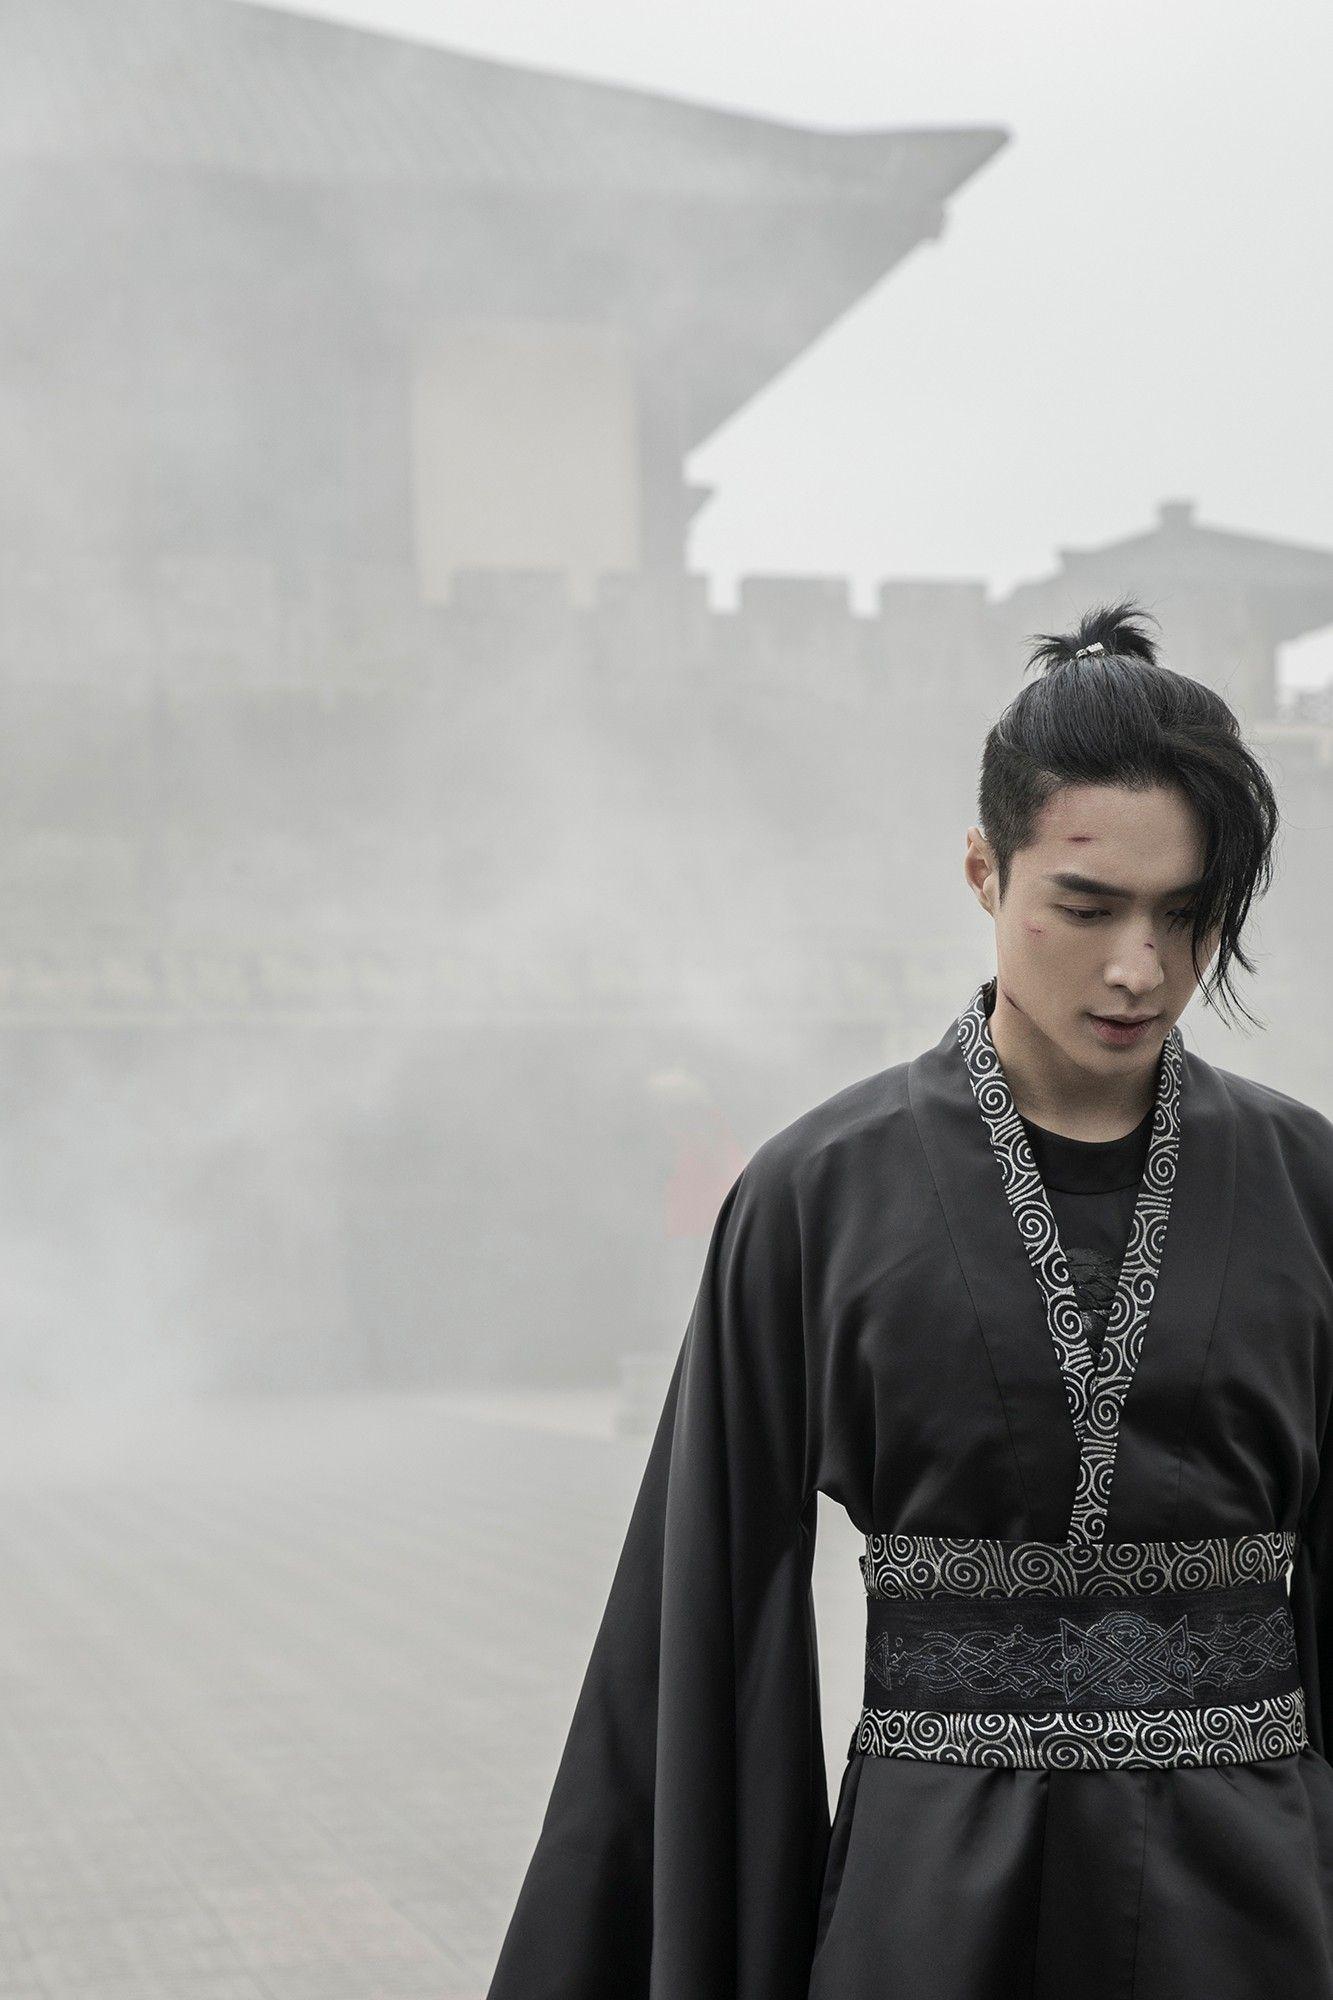 엑소 레이, 4th 솔로 앨범 '蓮(LIT)' 6월 1일 Part.1 공개